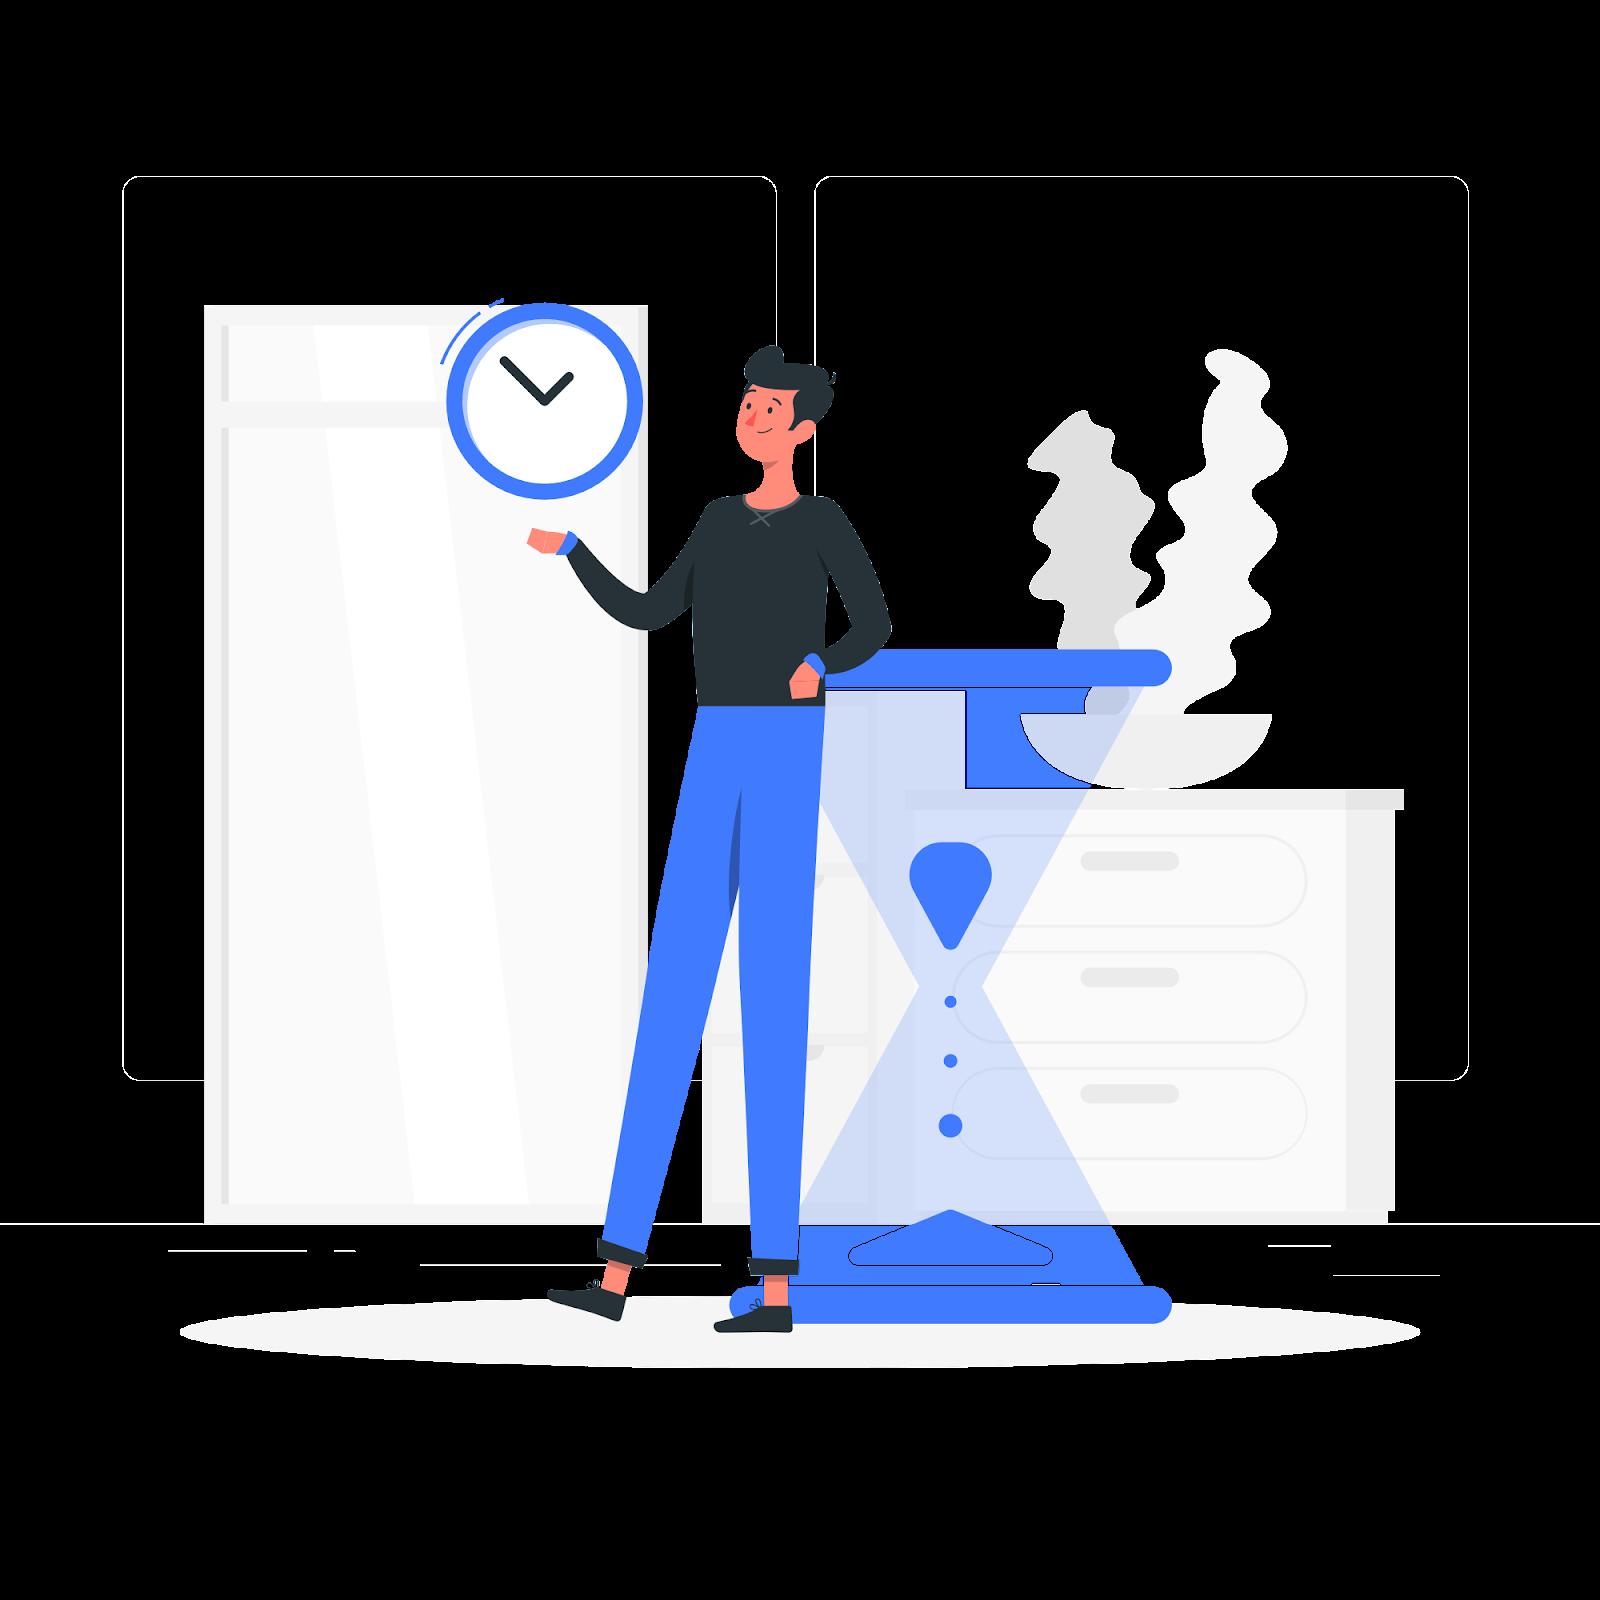 ilustração de um boneco segurando um relógio e apoiado em uma ampulheta para mostrar administração do tempo